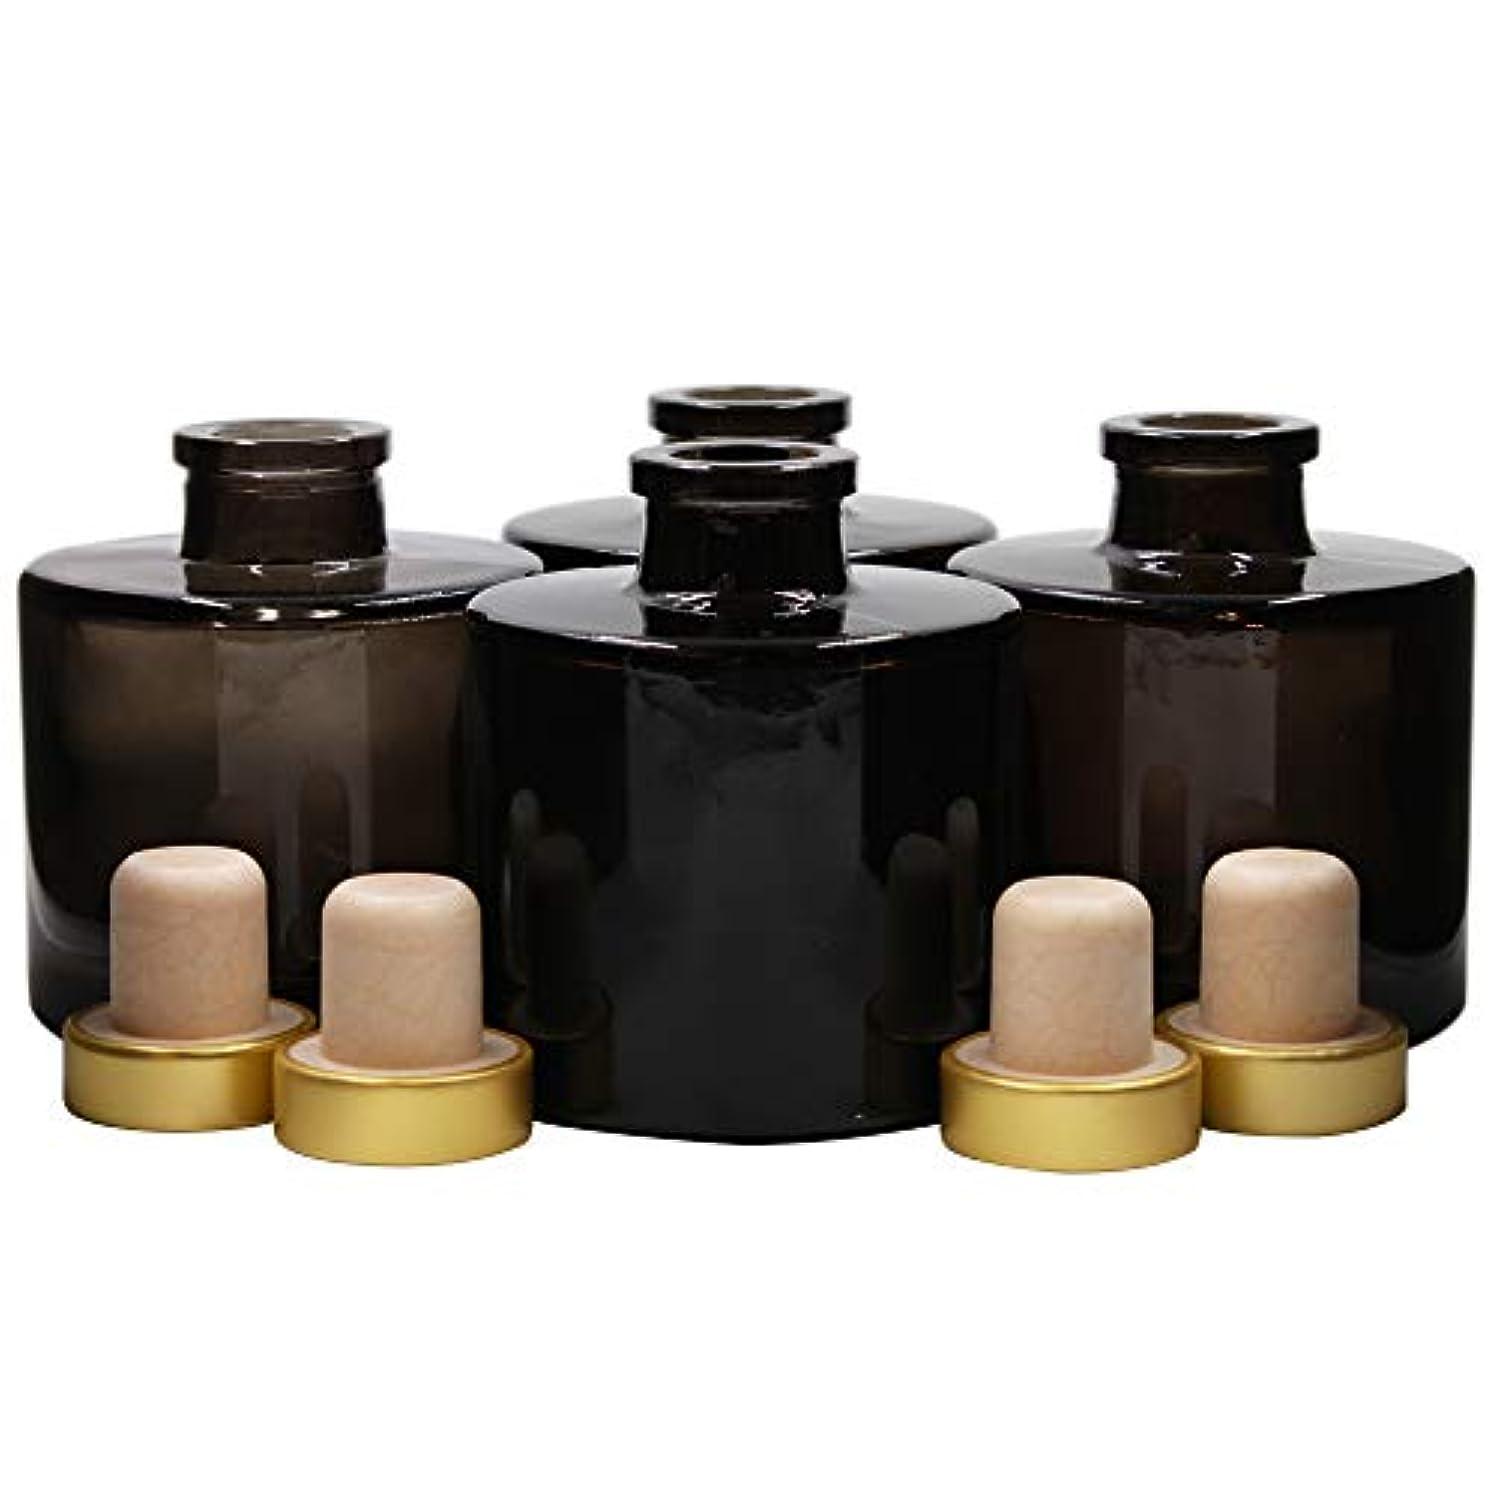 夏解釈するラフトFeel Fragrance リードディフューザー用 リードディフューザーボトル 容器 黒色 蓋付き 4本セット (100ML円形)